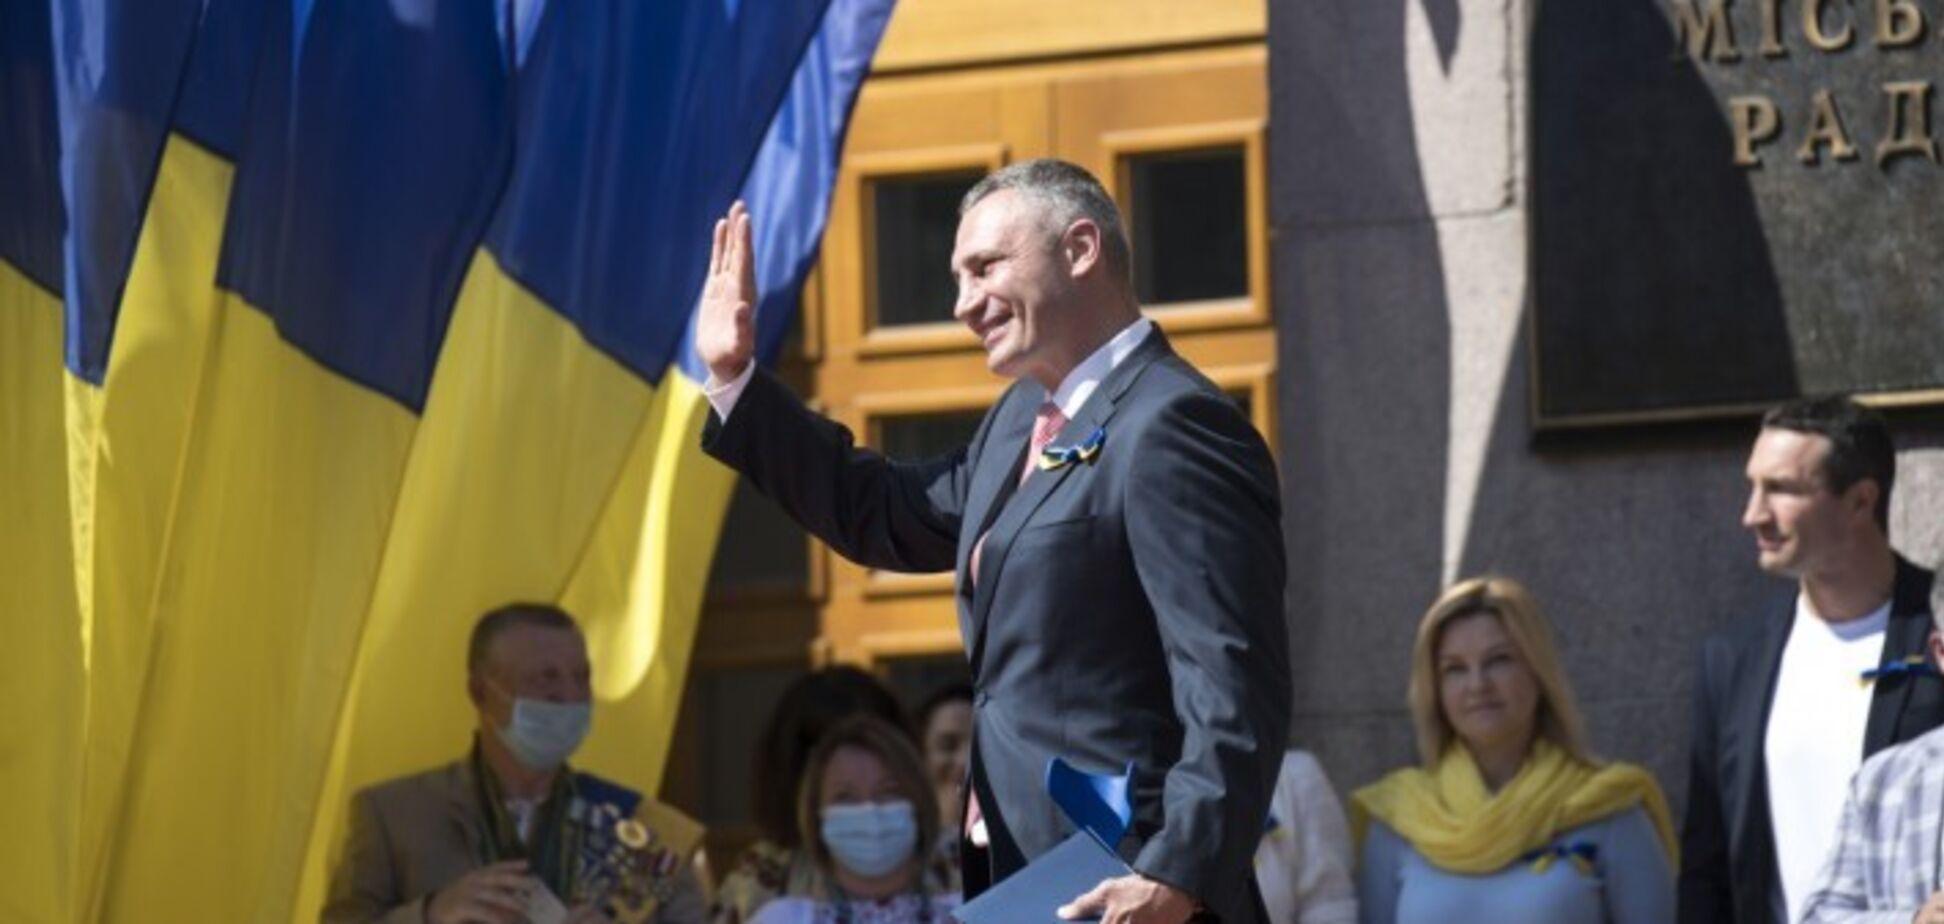 Кличко підняв Державний Прапор біля Київської міської ради